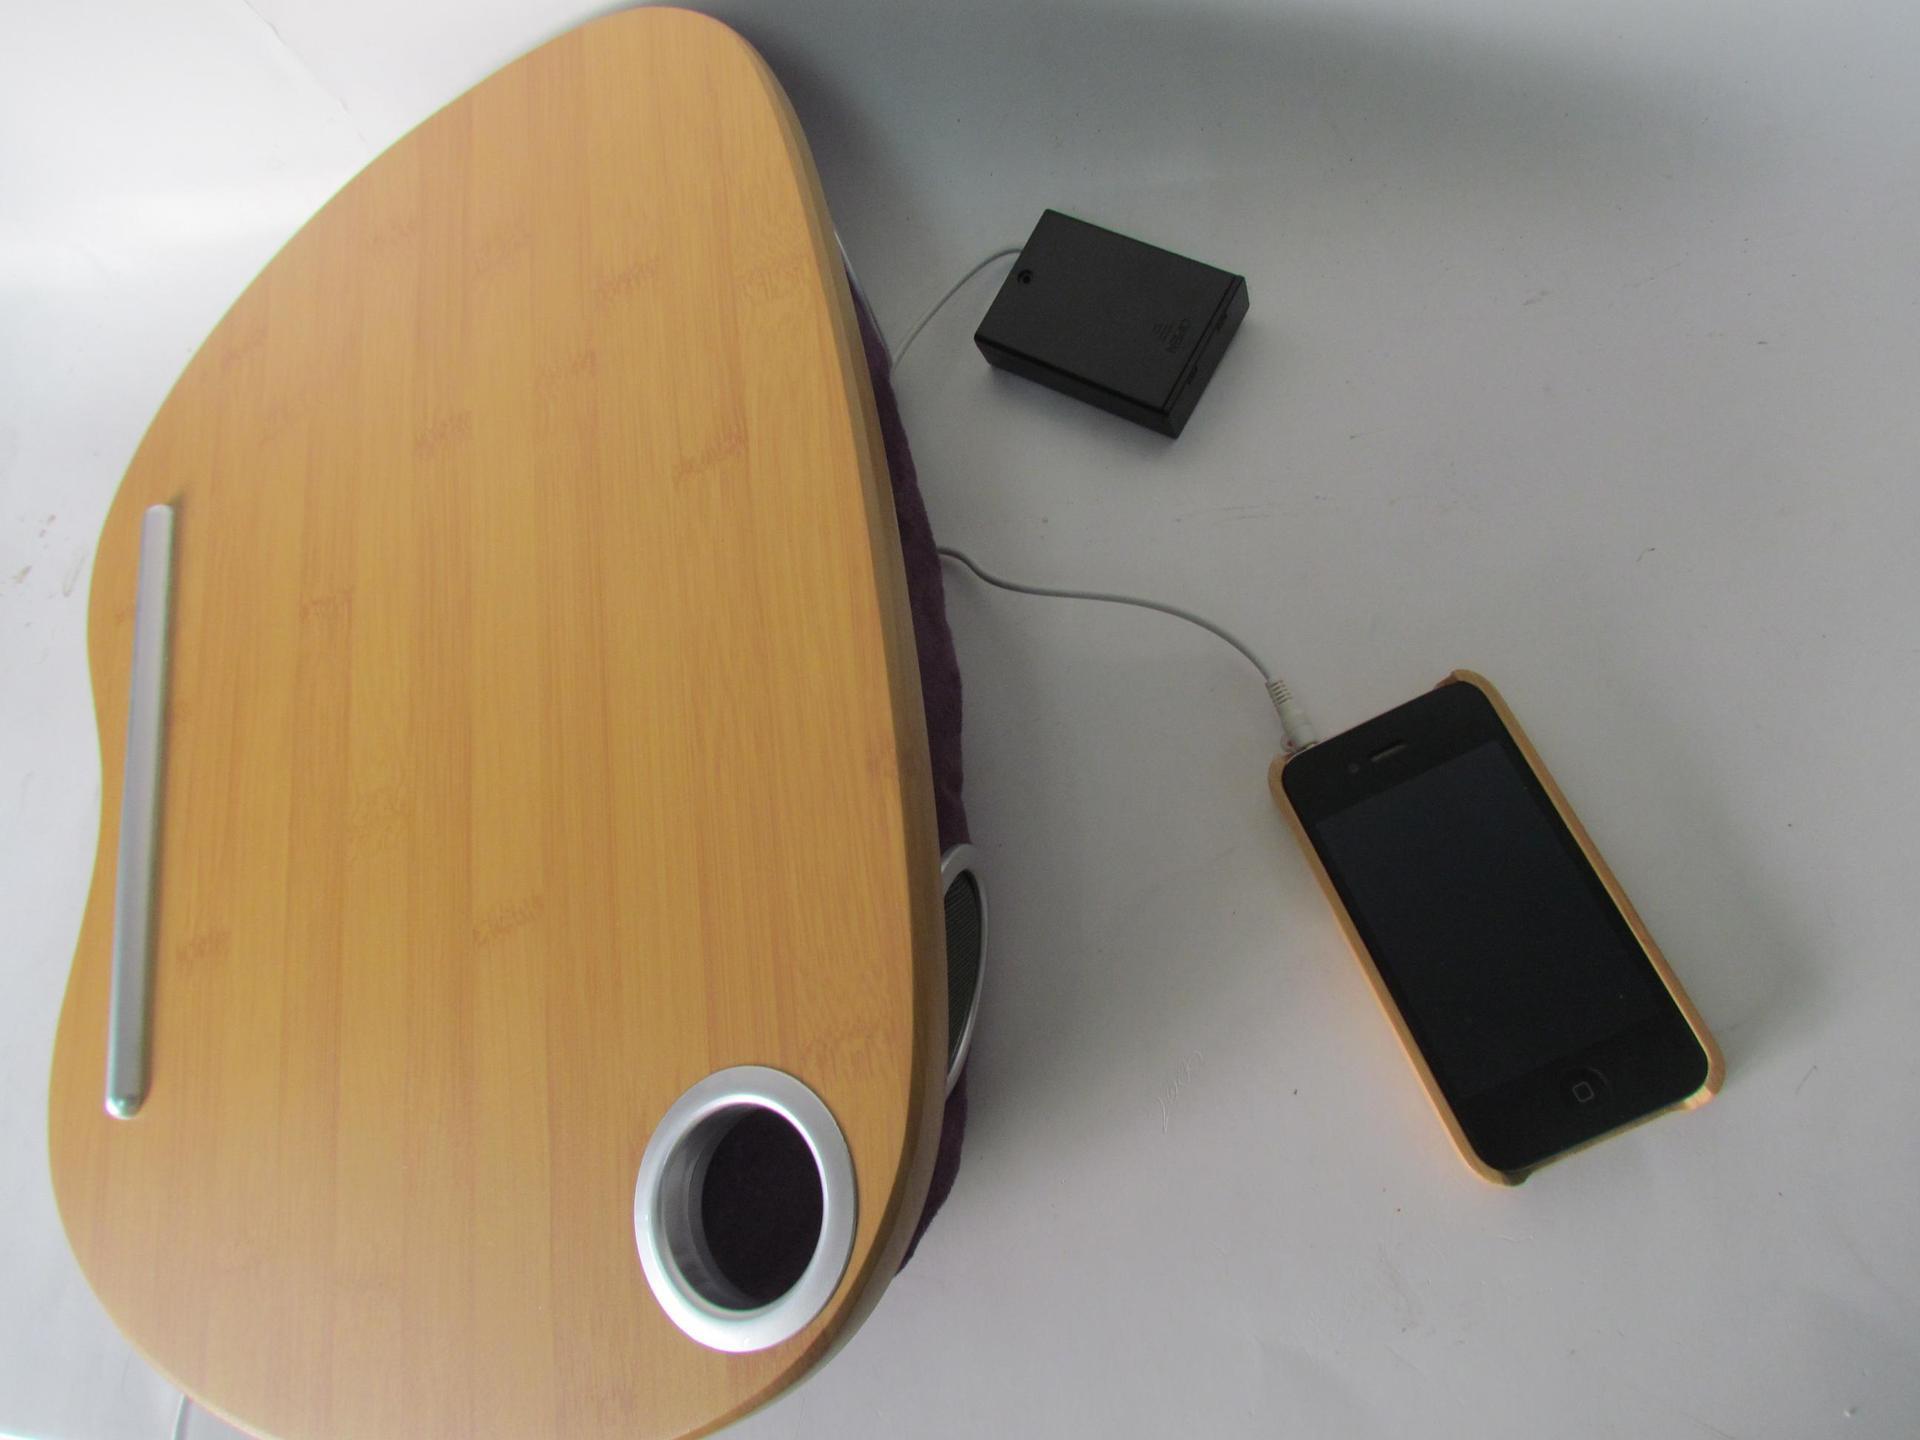 平板电脑桌_平板电脑桌上支架_ipad支架_平板电脑支架_ip